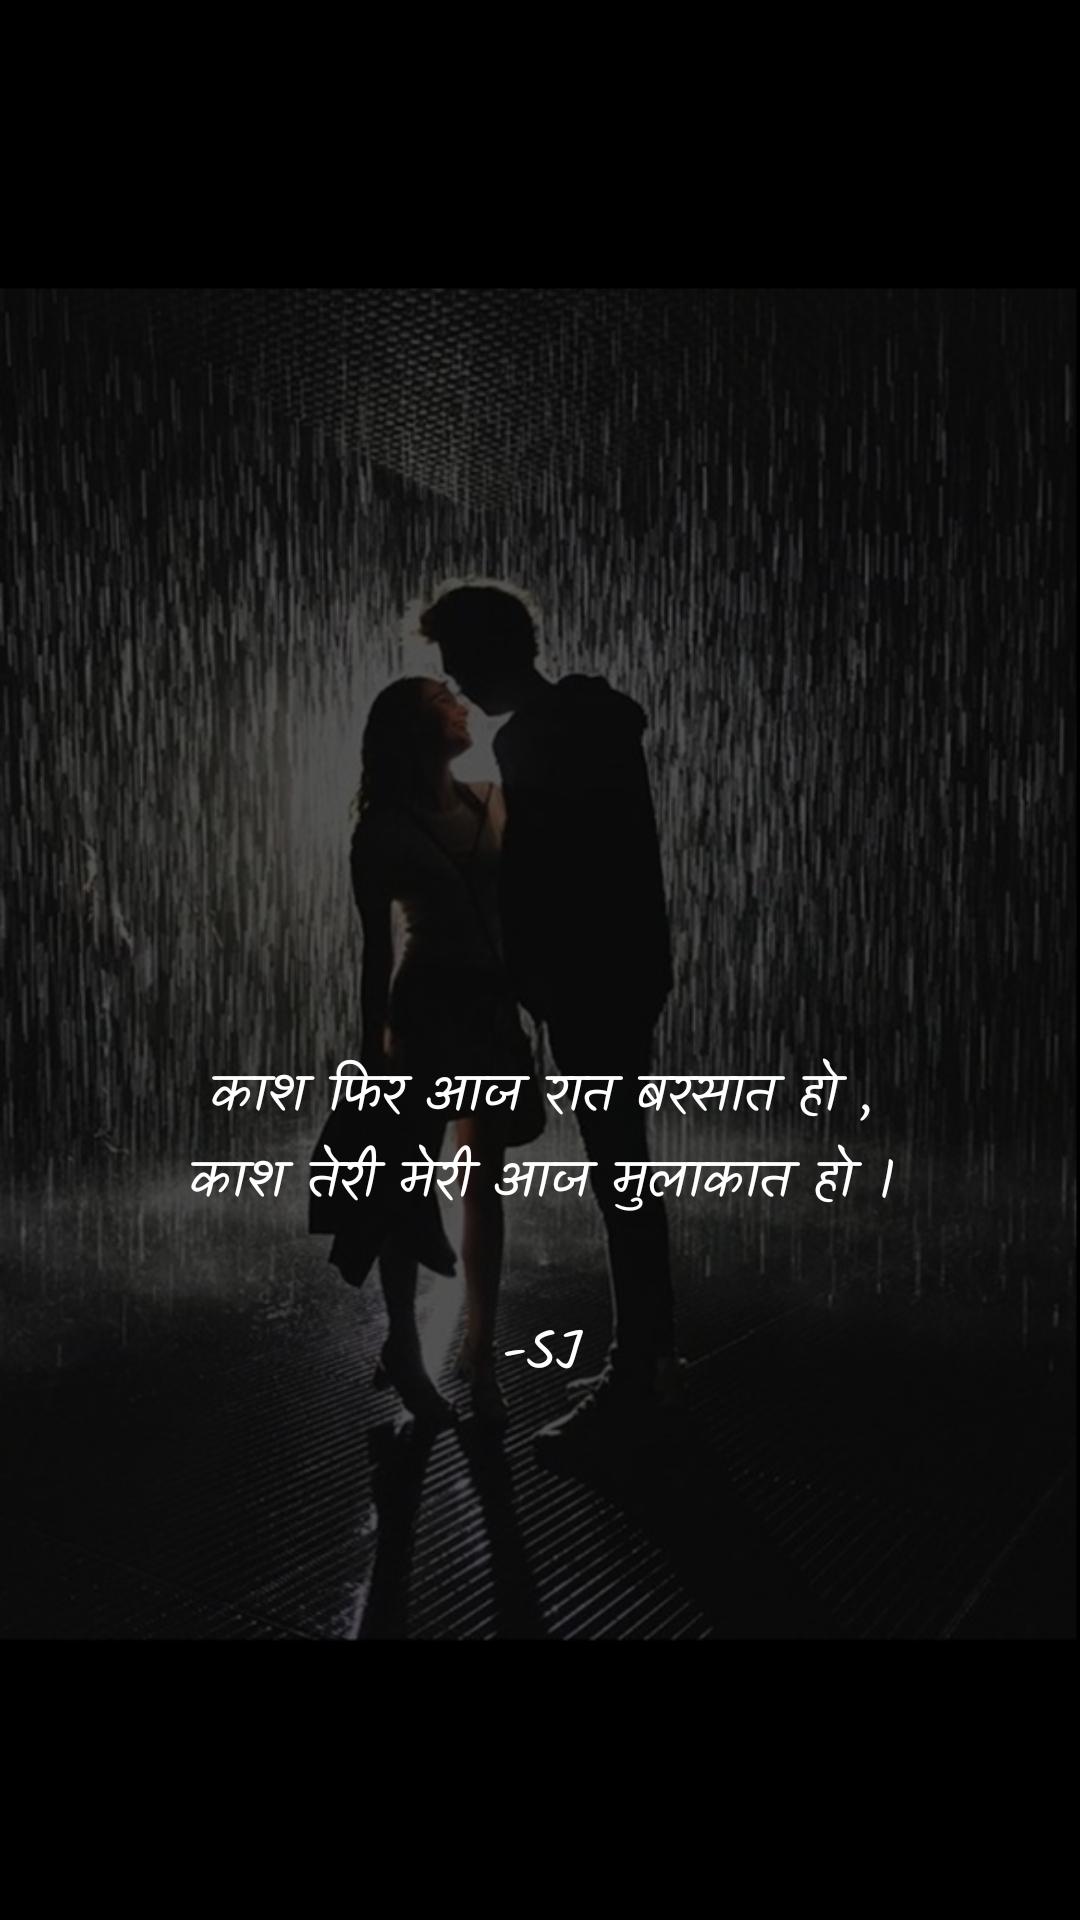 काश फिर आज रात बरसात हो , काश तेरी मेरी आज मुलाकात हो ।  -SJ